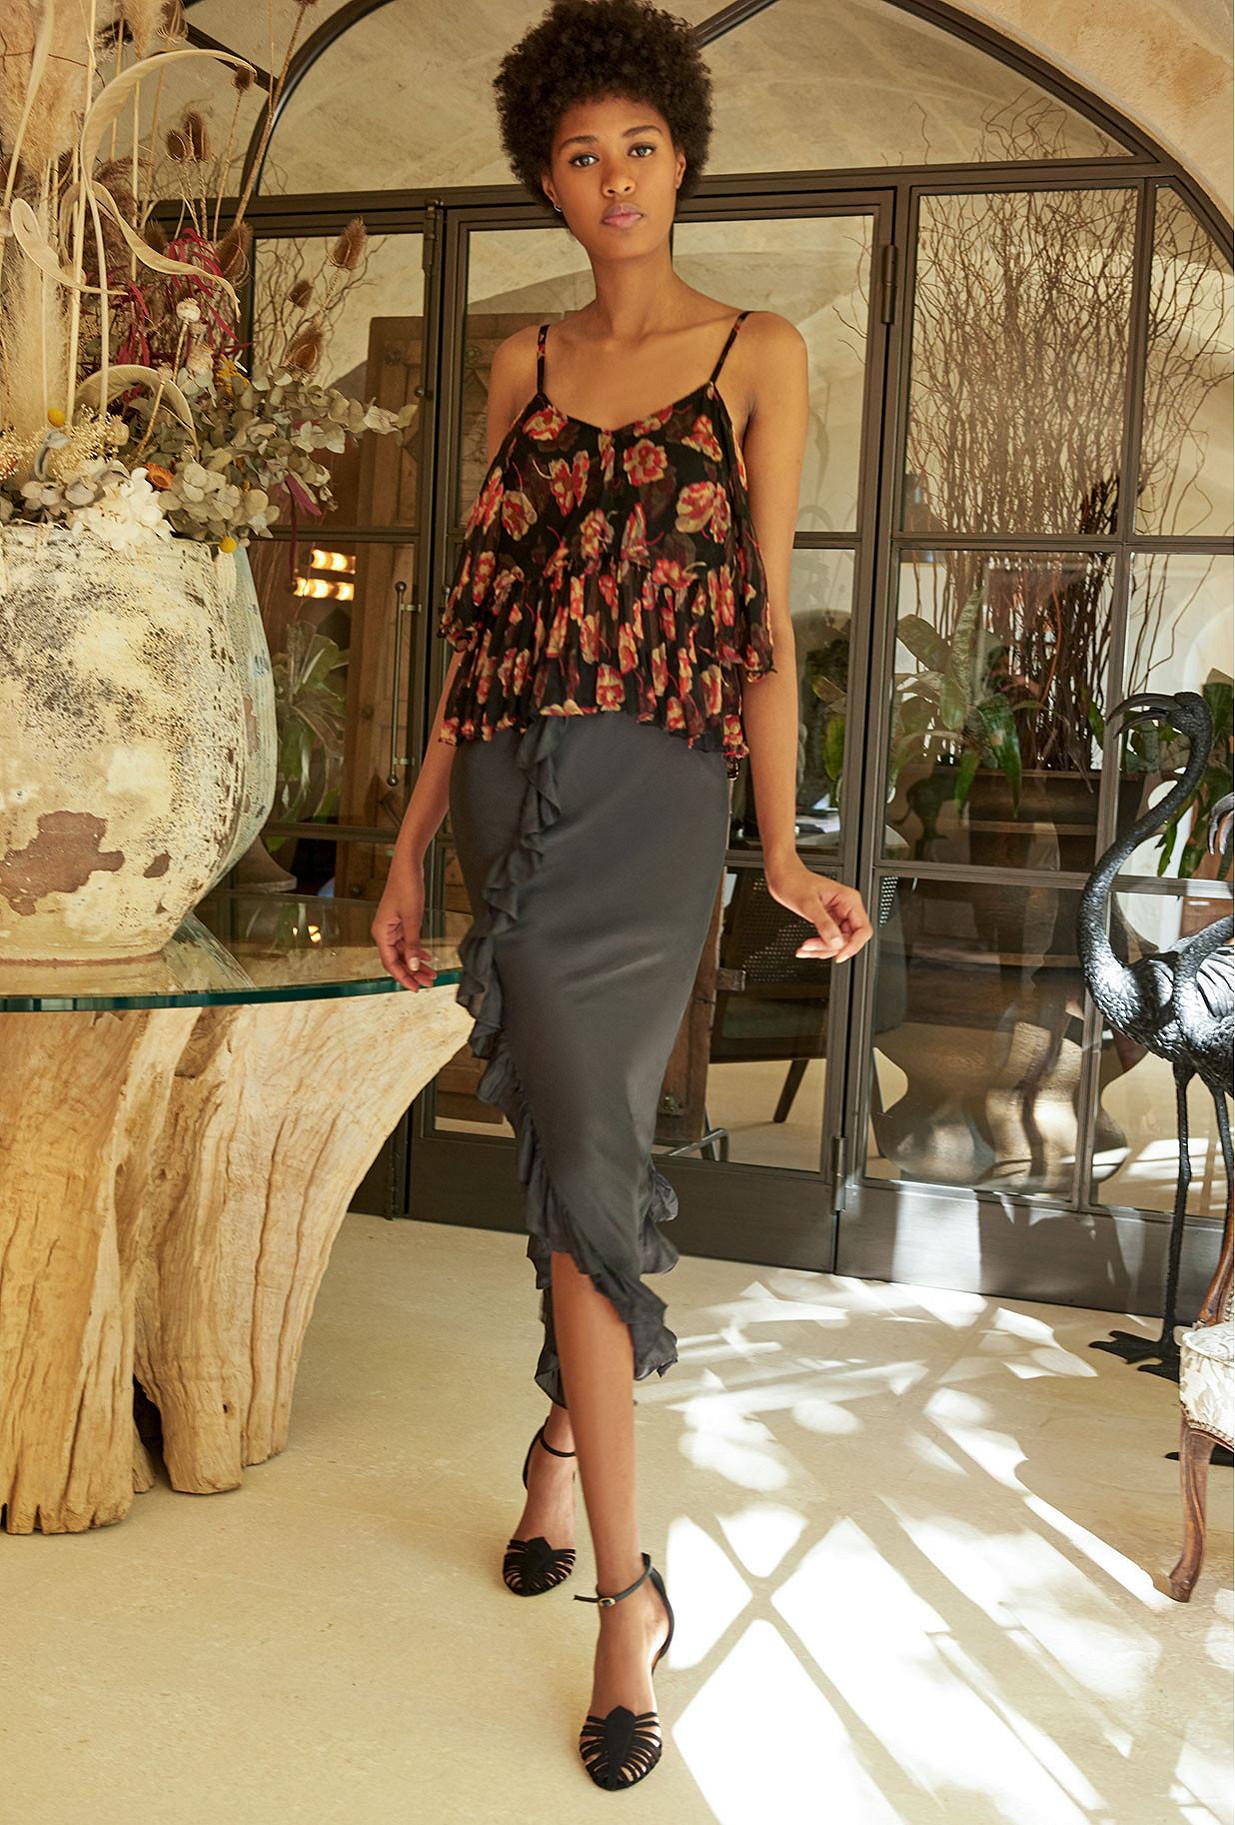 Floral print  Top  Lillian Mes demoiselles fashion clothes designer Paris